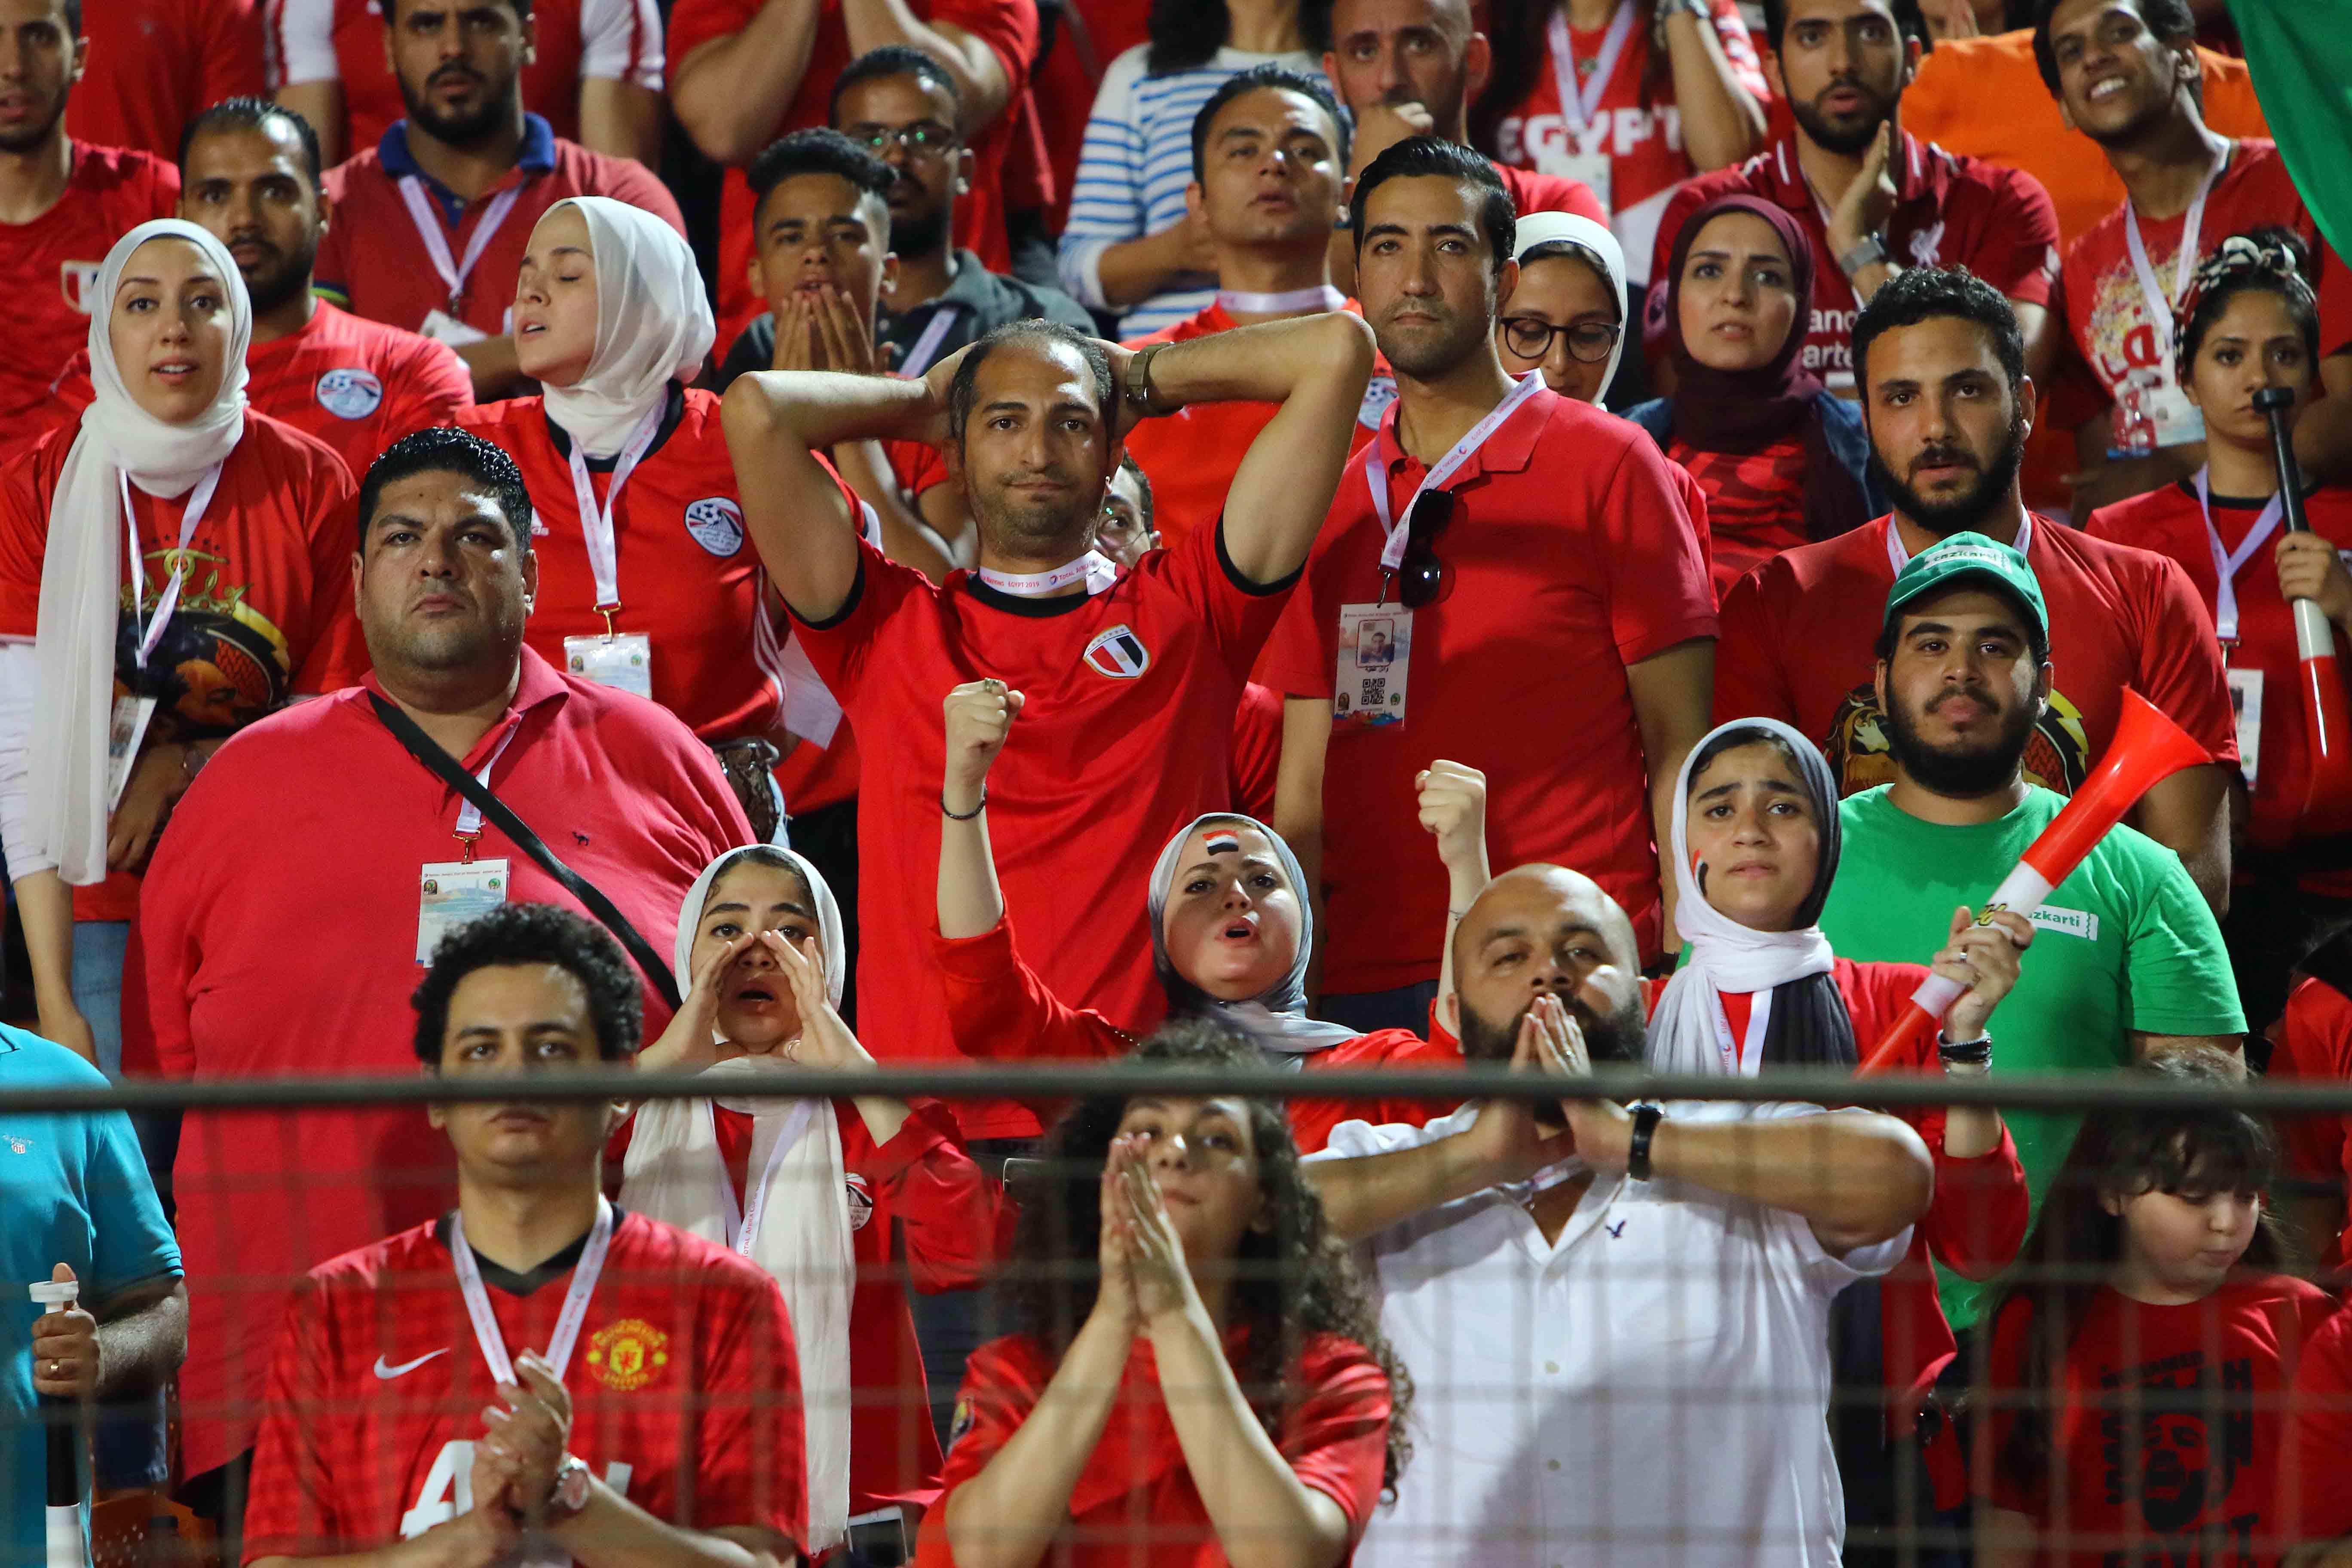 كاميرا كورة11 ترصد: حسرة وبكاء لاعبي المنتخب وصلاح بعد الخروج الكارثي